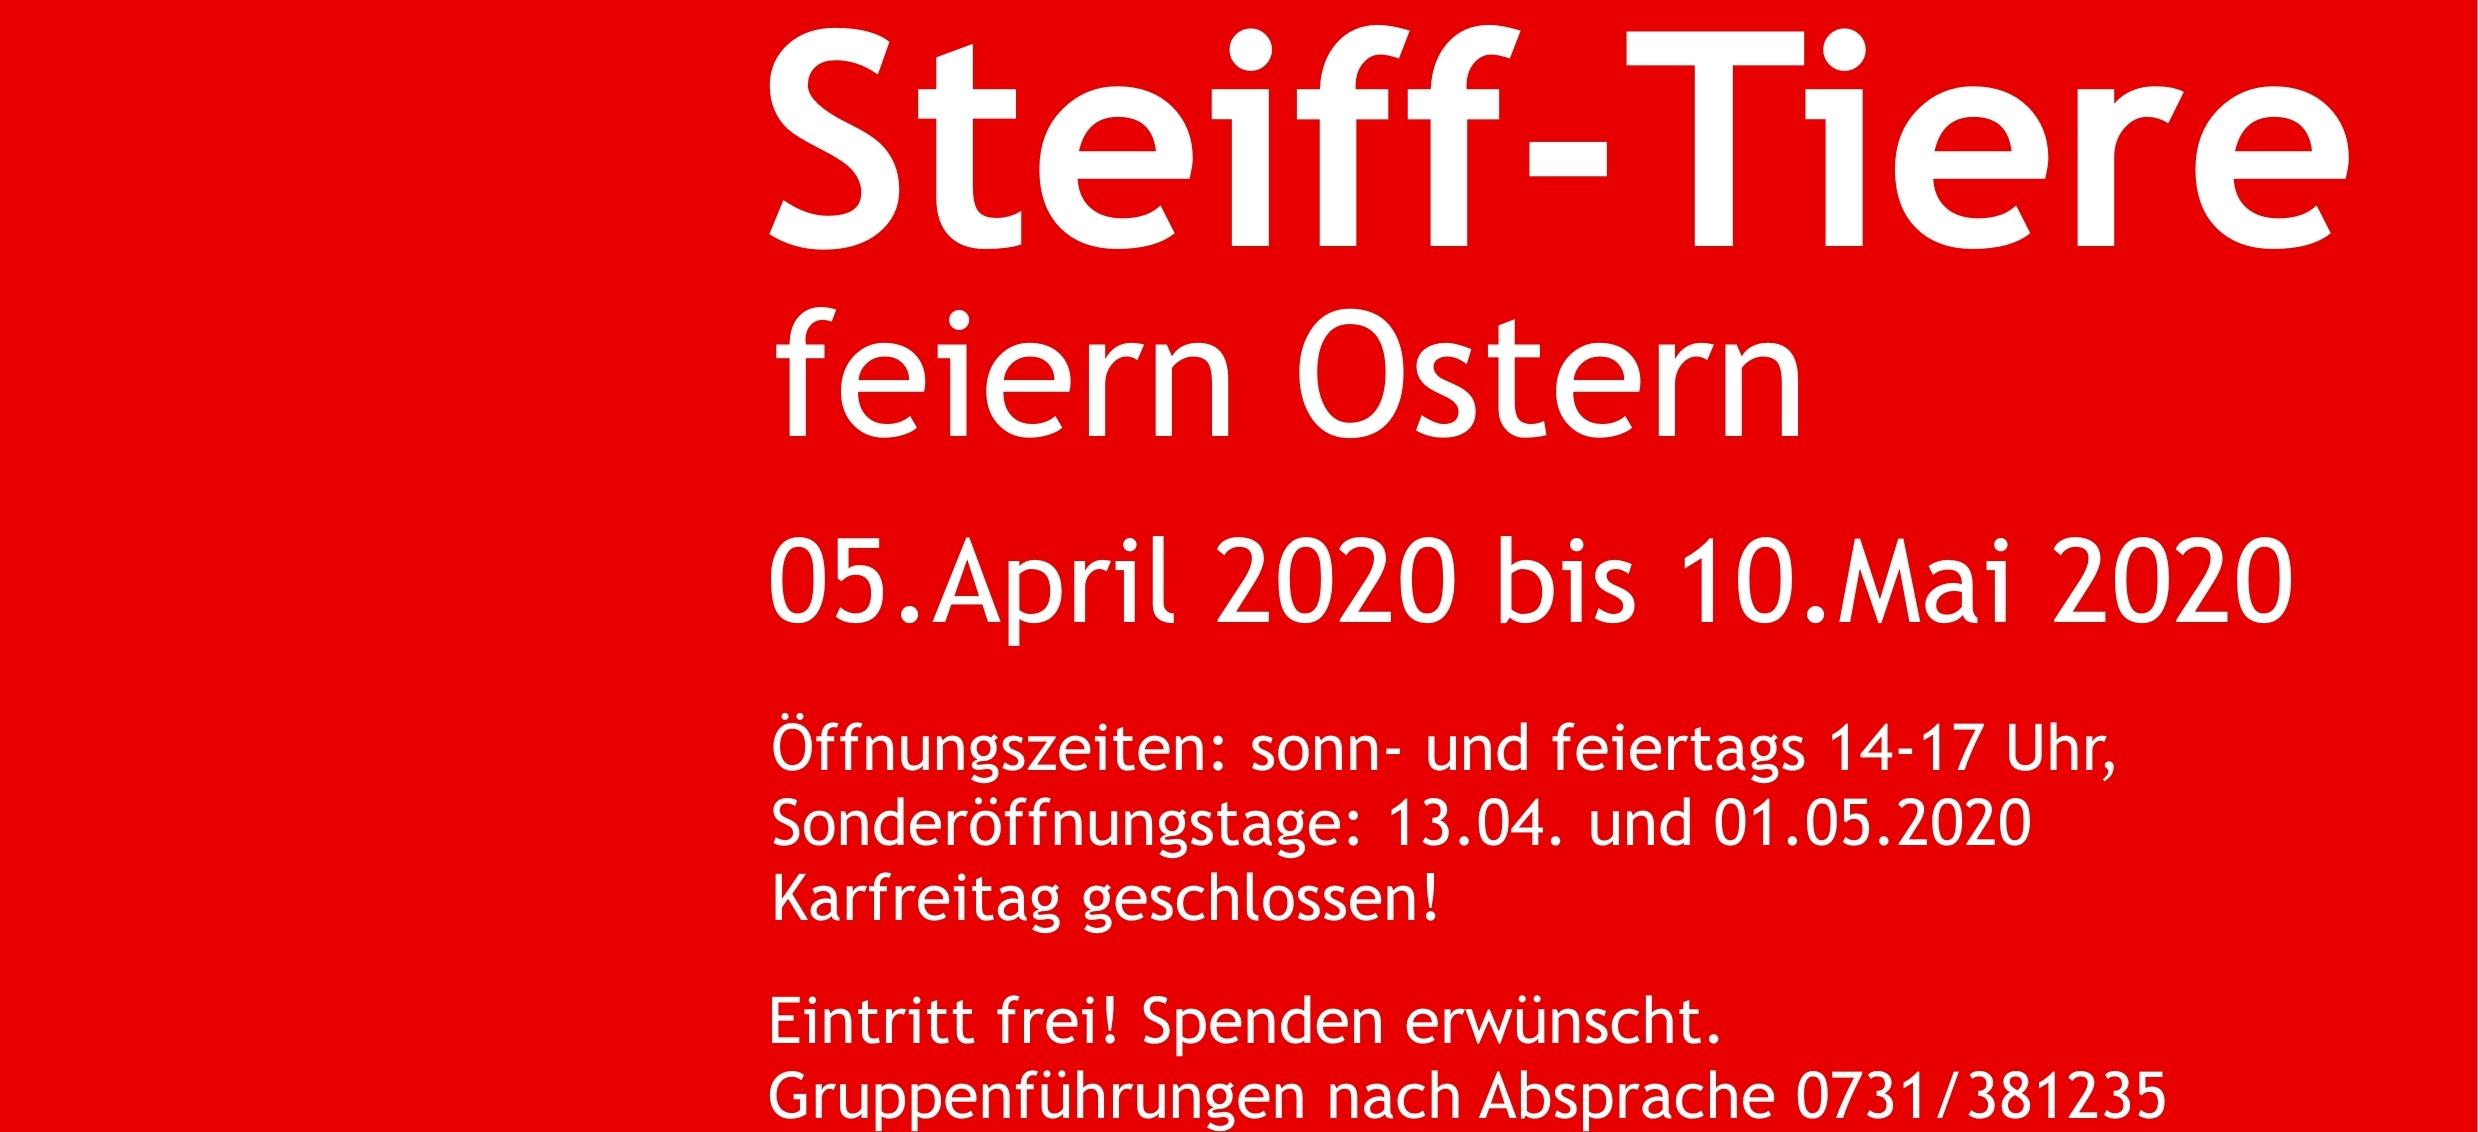 Plakat-Osterausstellung-A4_20200224-Bild2